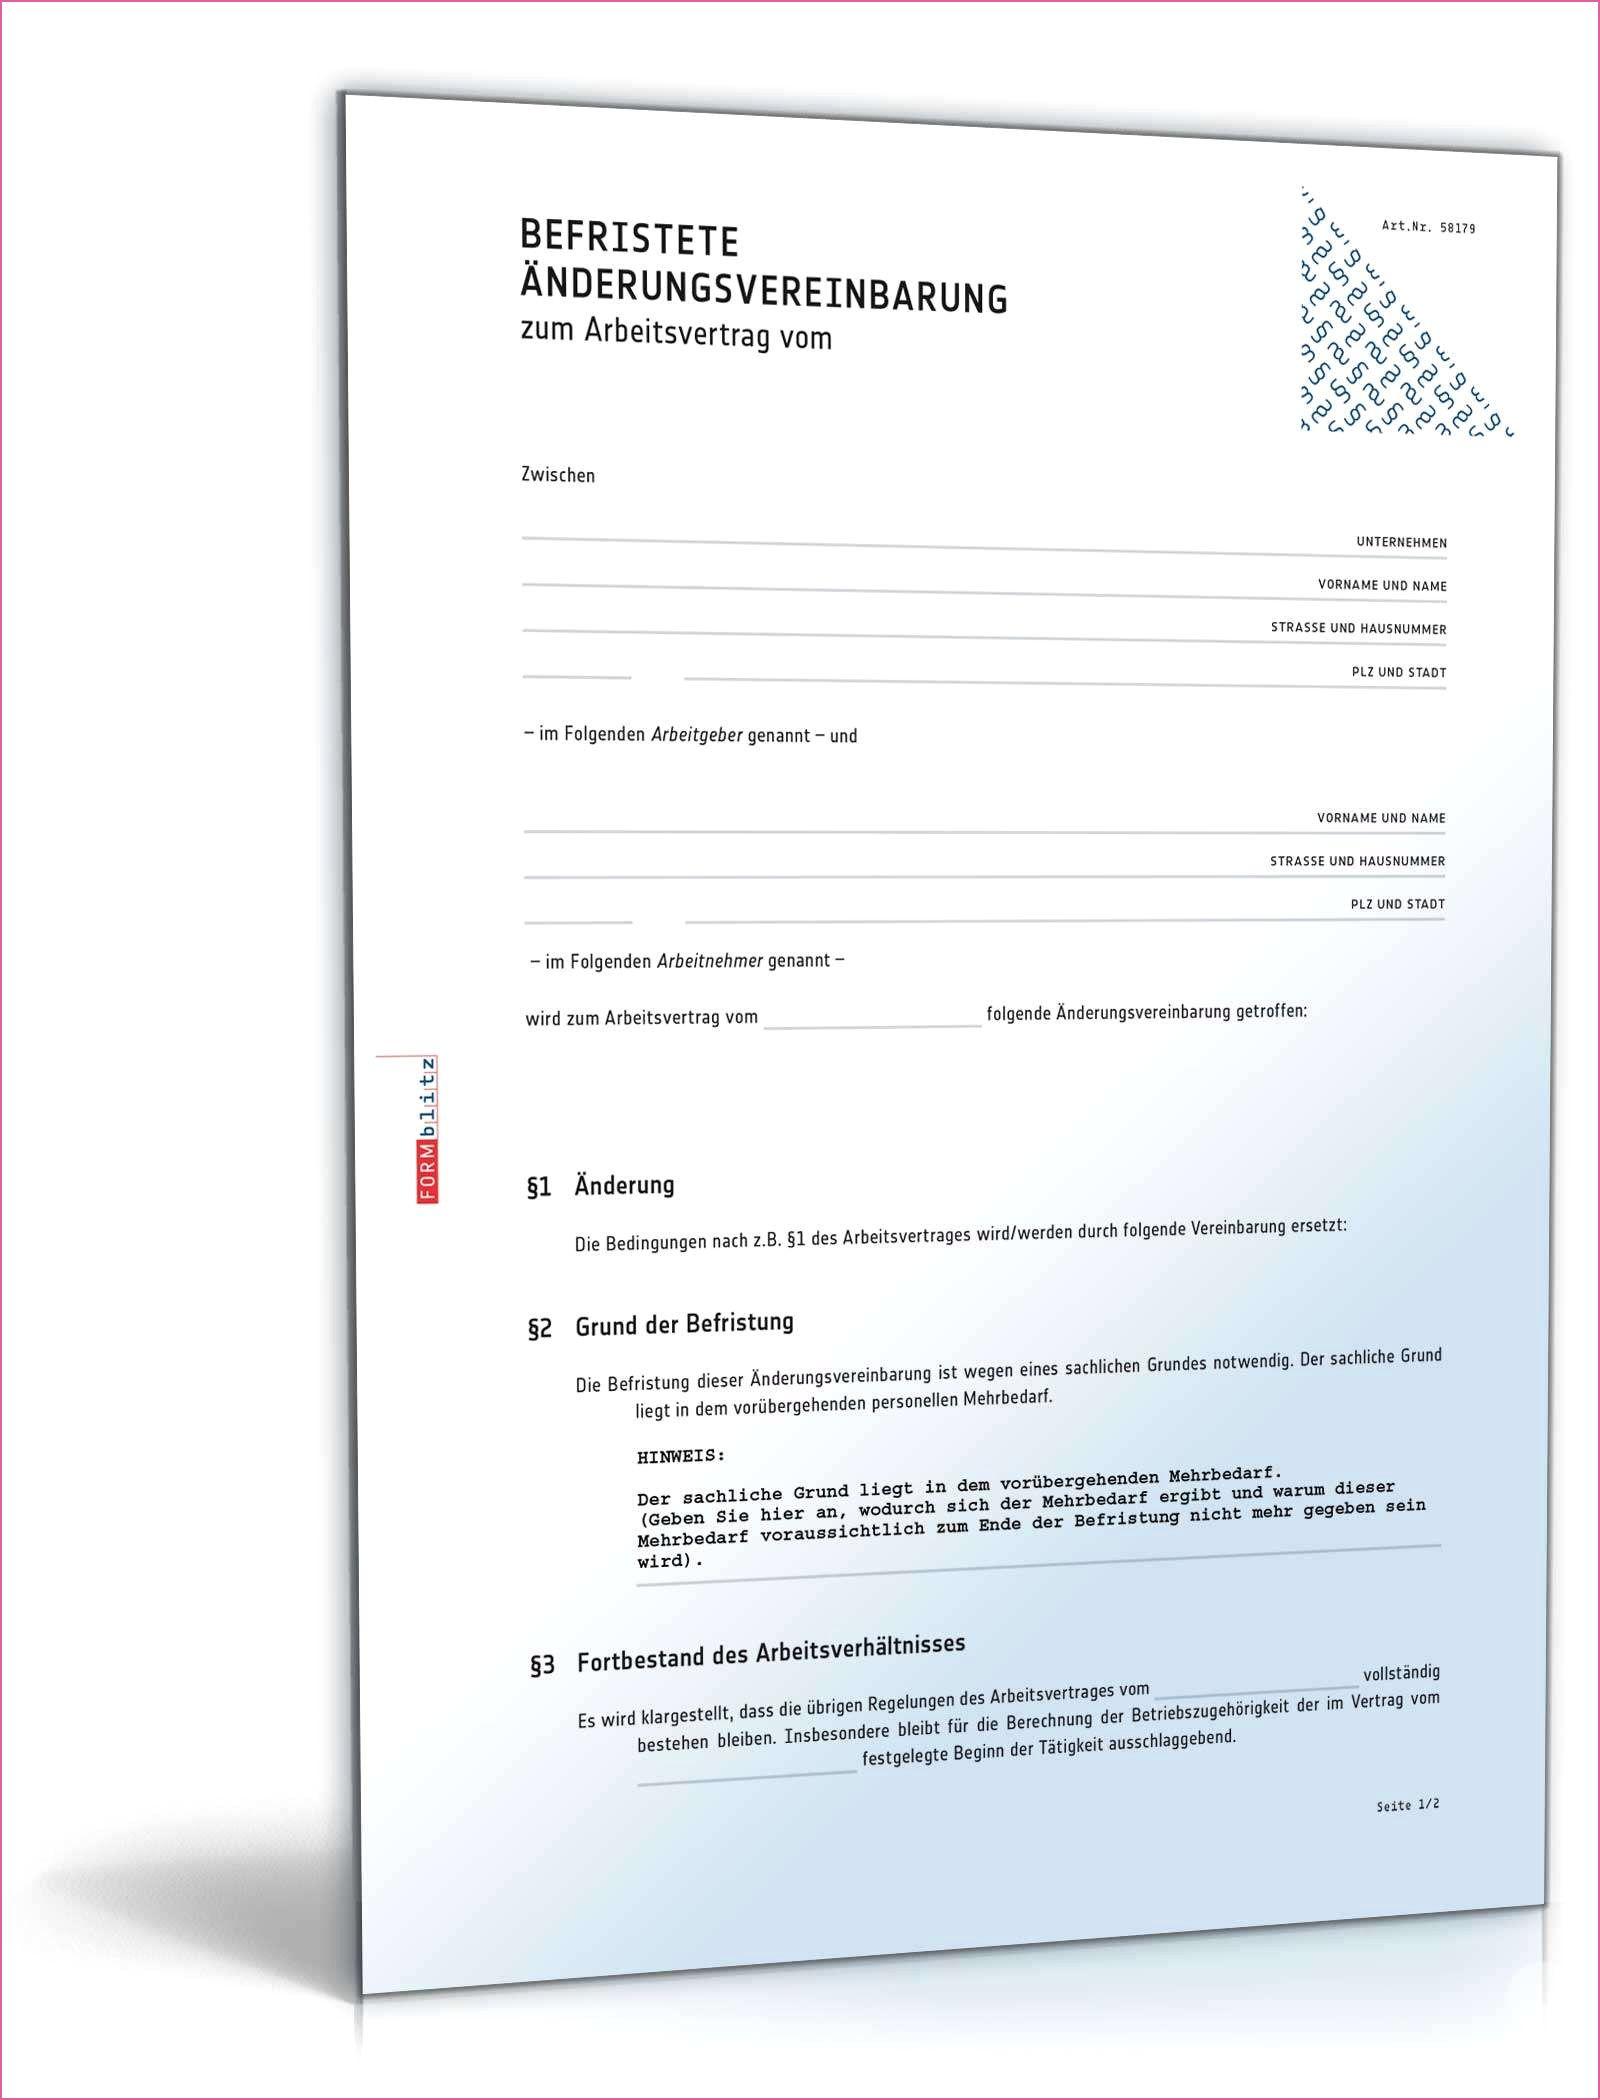 Fein Kundigung Arbeitnehmer Vorlage Word In 2020 Vorlagen Word Excel Vorlage Rechnung Vorlage